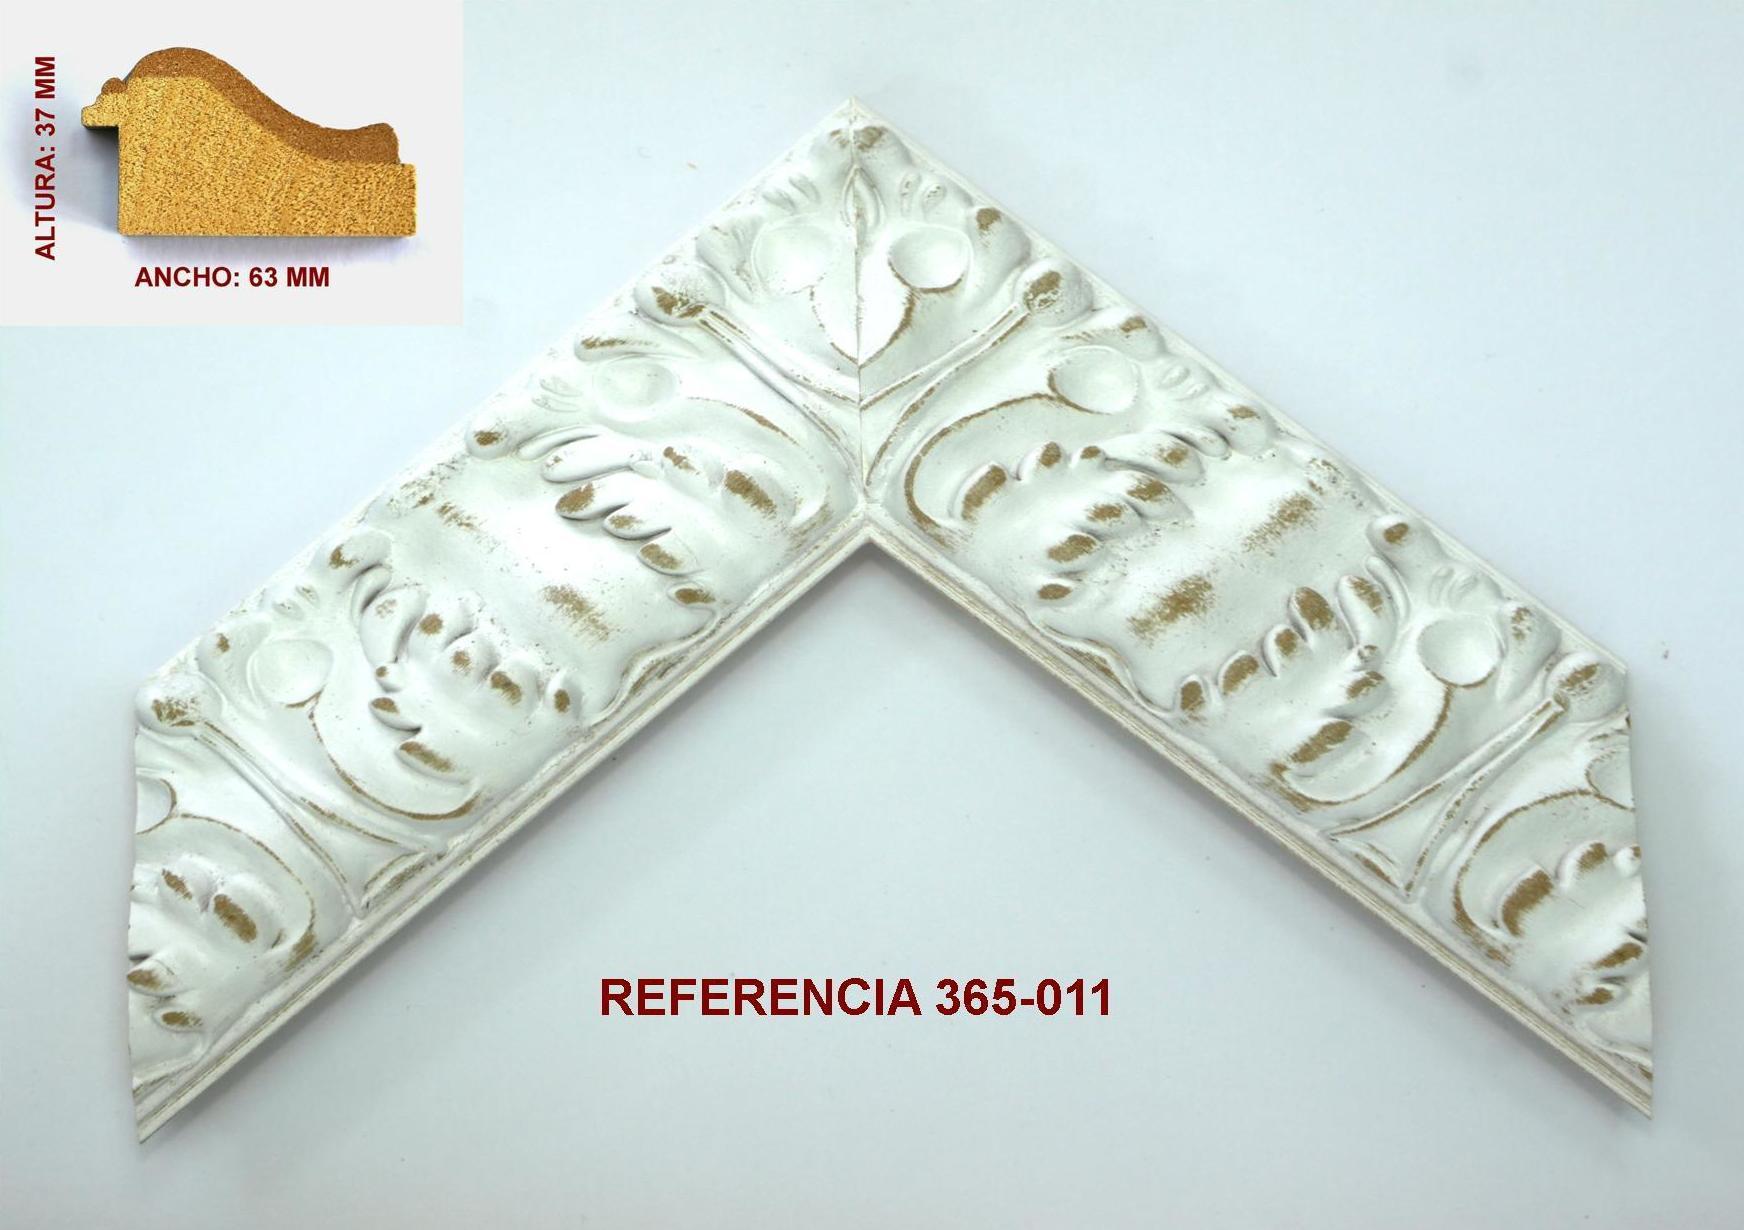 REF 365-011: Muestrario de Moldusevilla